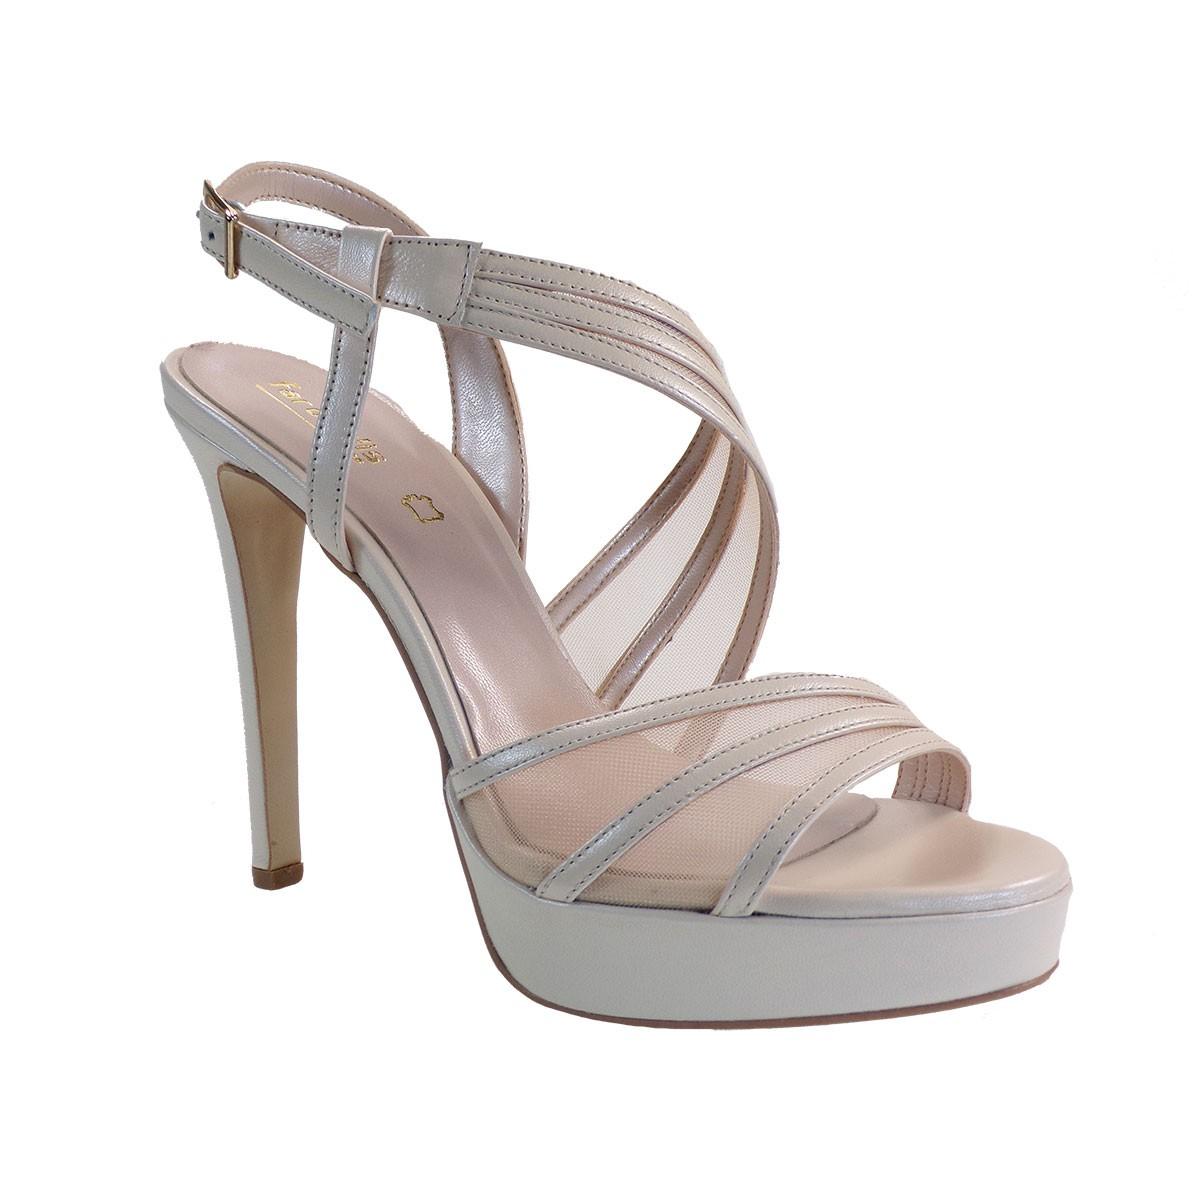 Fardoulis shoes Γυναικεία Παπούτσια Πέδιλα 3047Λ Υβουαρ Δέρμα